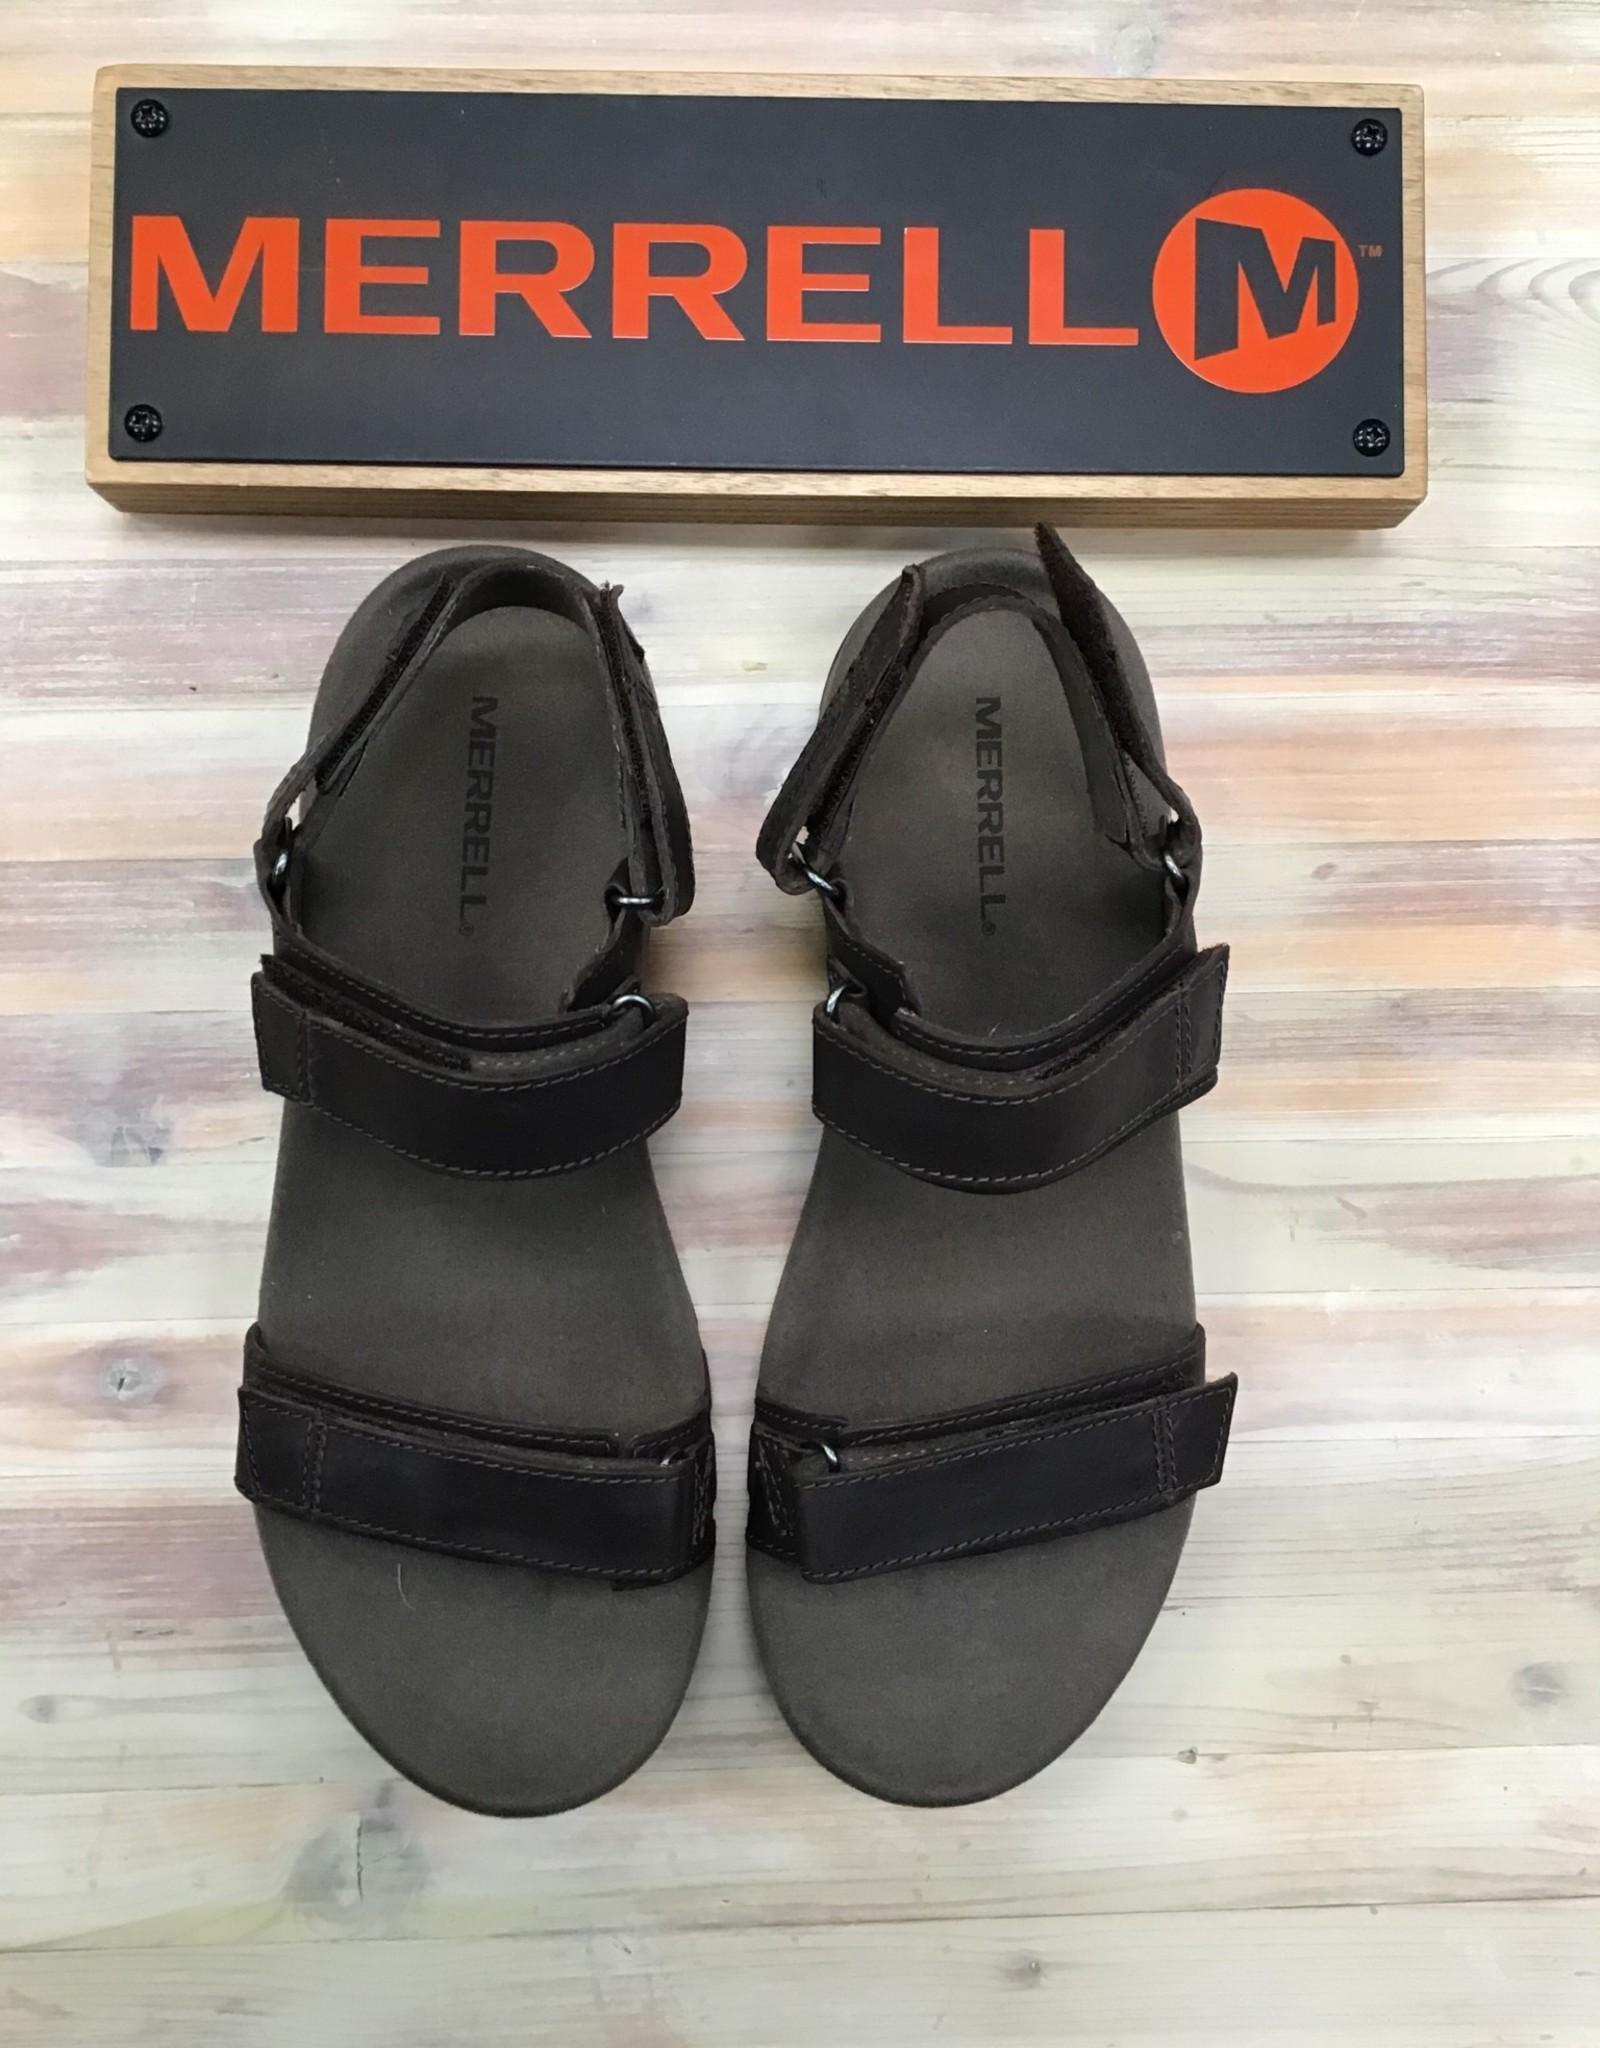 Merrell Merrell Sandspur Backstrap LTR Men's